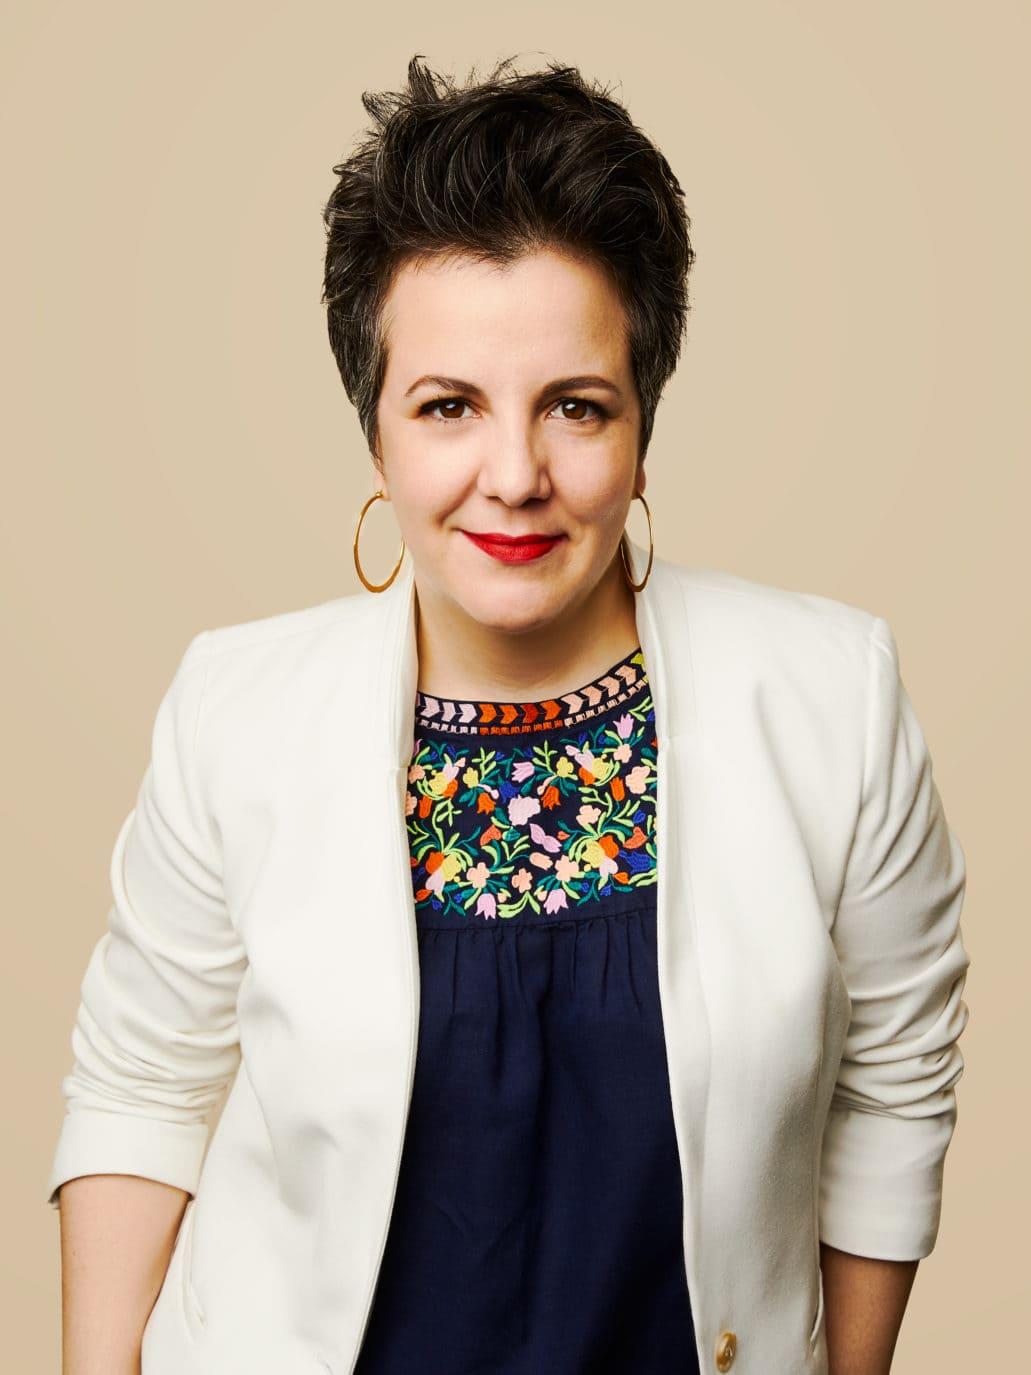 Maria Manuela Goyanes